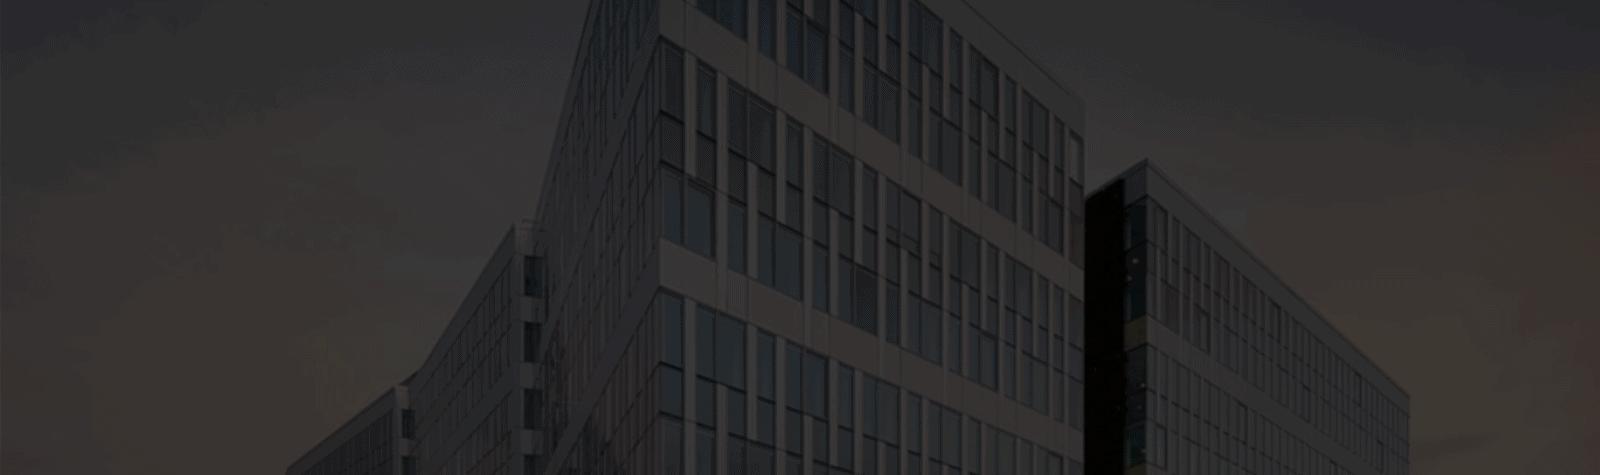 GCI va accueillir l'Agence Régionale de Santé dans l'immeuble CityLife à Nanterre